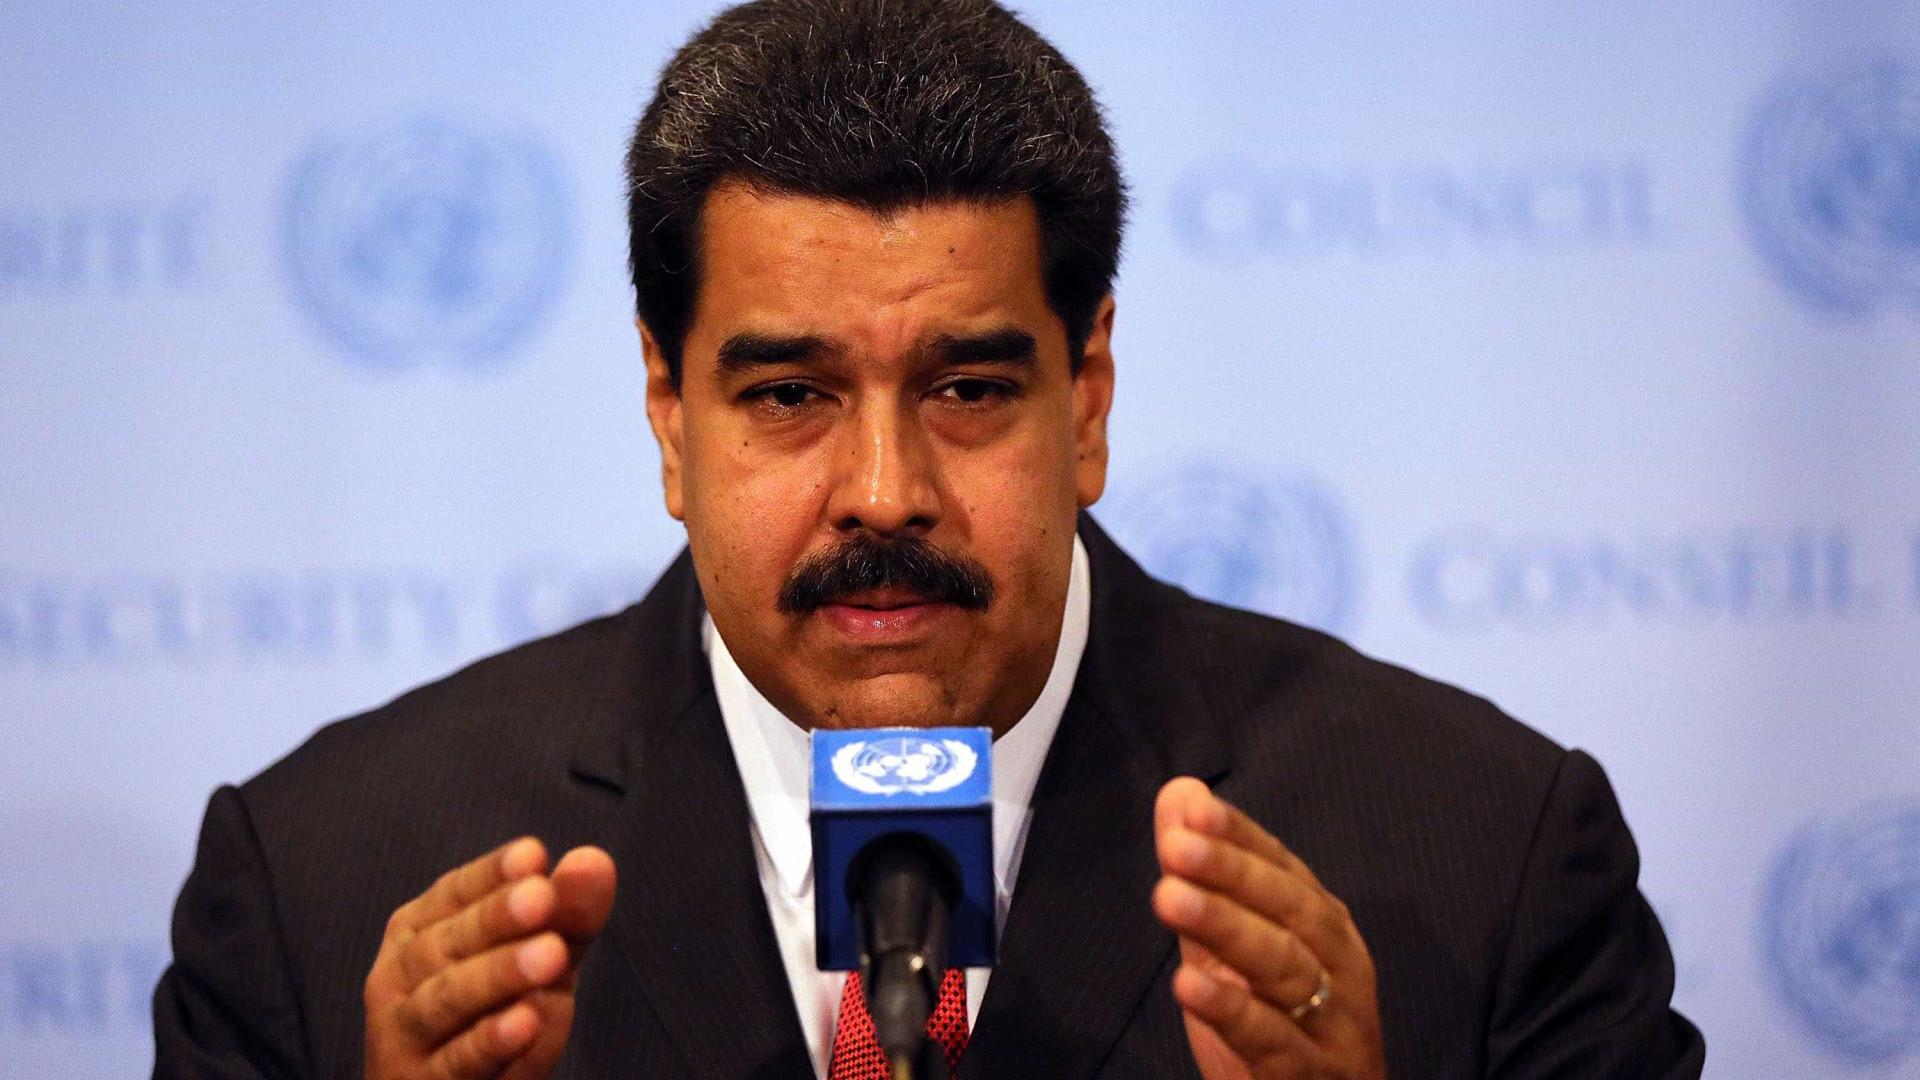 Supremo exige condições para travar referendo de mandato presidencial